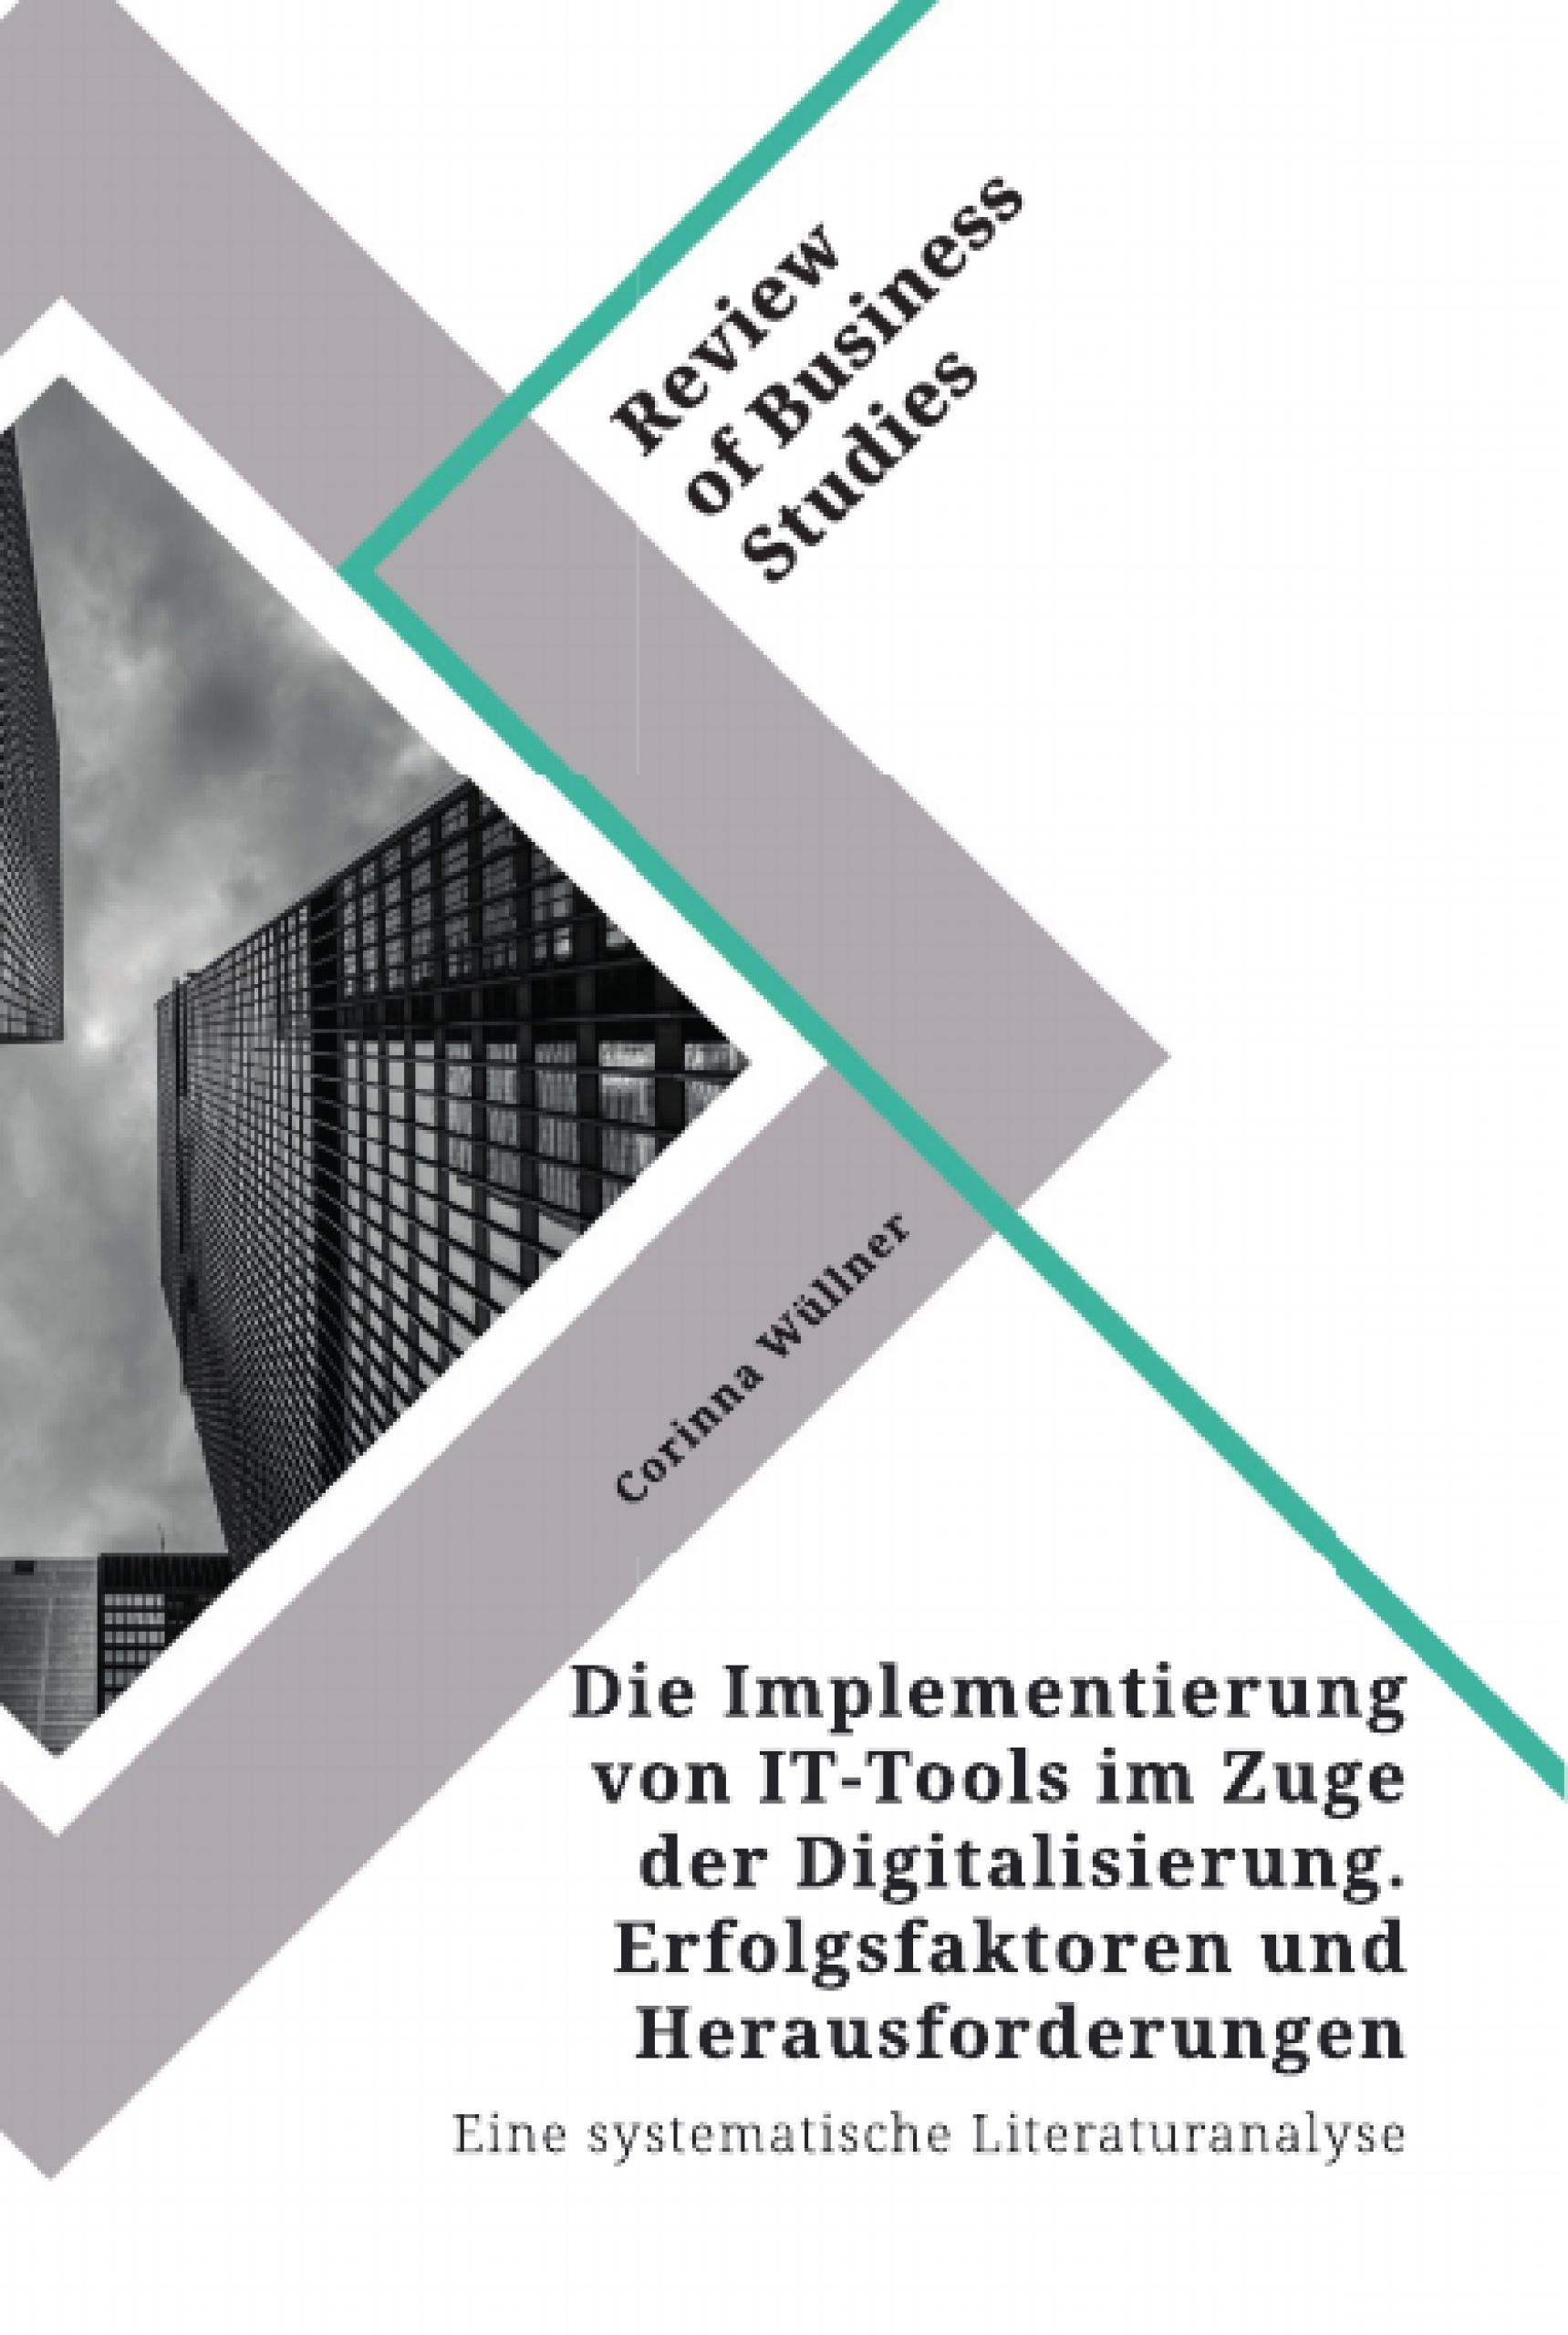 Titel: Die Implementierung von IT-Tools im Zuge der Digitalisierung. Erfolgsfaktoren und Herausforderungen